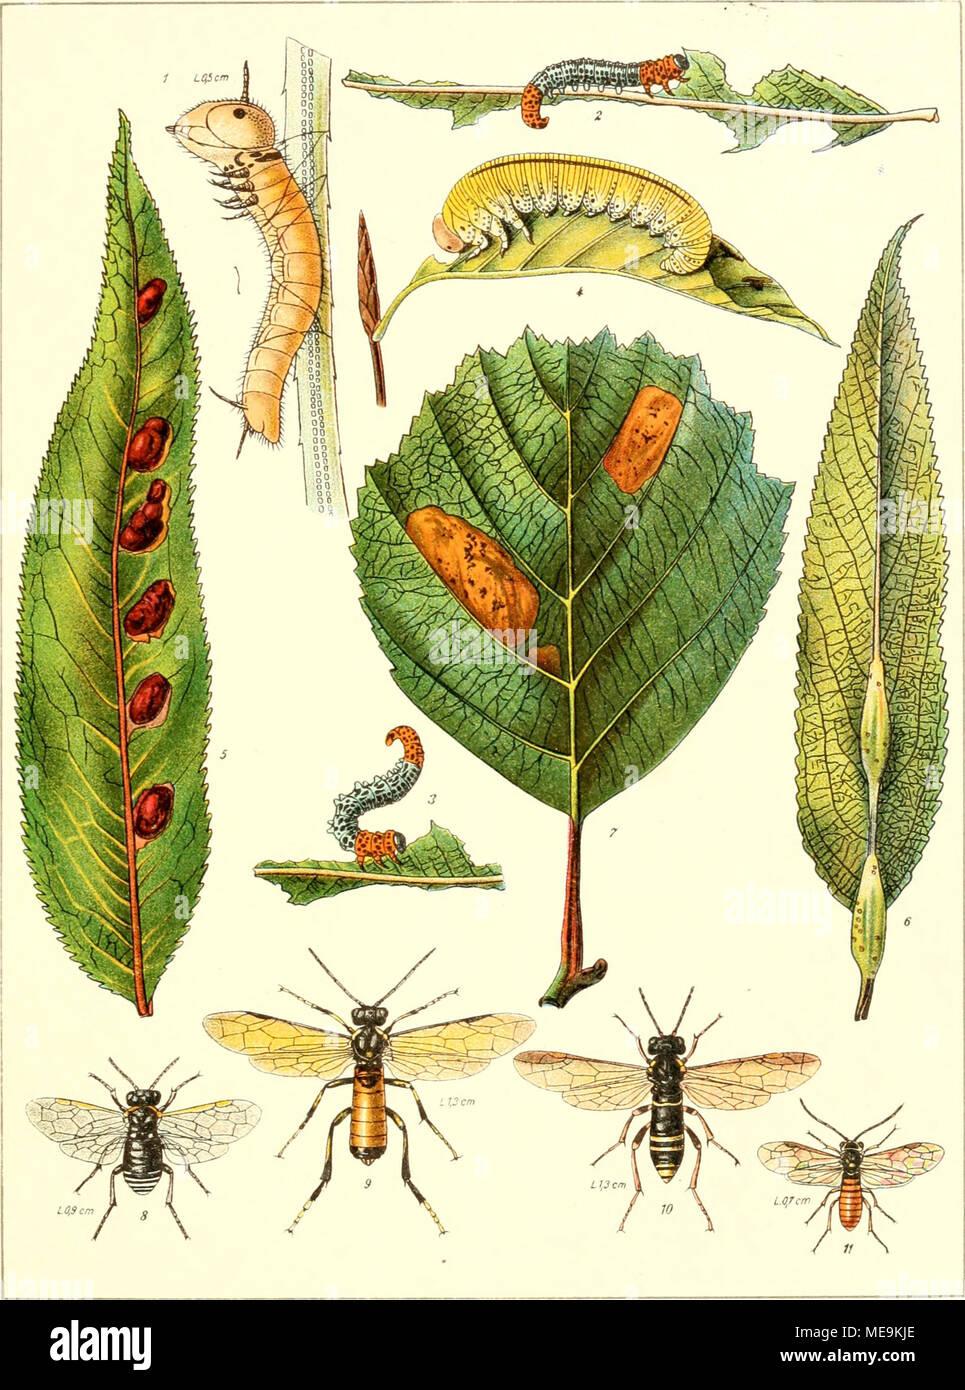 . Die insekten Mitteleuropas insbesondere Deutschlands . 1. Larve von Acantholyda erythrocephala L. in die Höhe kletternd (nach Oudemans). 2. Larve von Pteronus Salicis L. an einem Weidenblatt fressend. 3. Larve von Pt er onus Salicis L. in Schreckstellung. 4. Larve von Cimbex fagi Zadd. 5. Blatt von Salix amyg- dalina mit Qallen von Pontania proxima Lep. 6. Blatt von Salix amygdalina mit Gallen von Euura testaceipes Brischke. 7. Minen von Fenusa dohrni Tischb. in einem Erlenblatt. 8. Sciapteryx costalis F. 9 â 9. Tenthredo maculata Geoffr. </ ⢠10, AUantus vespa Retr. $ 11. Perineura rub - Stock Image